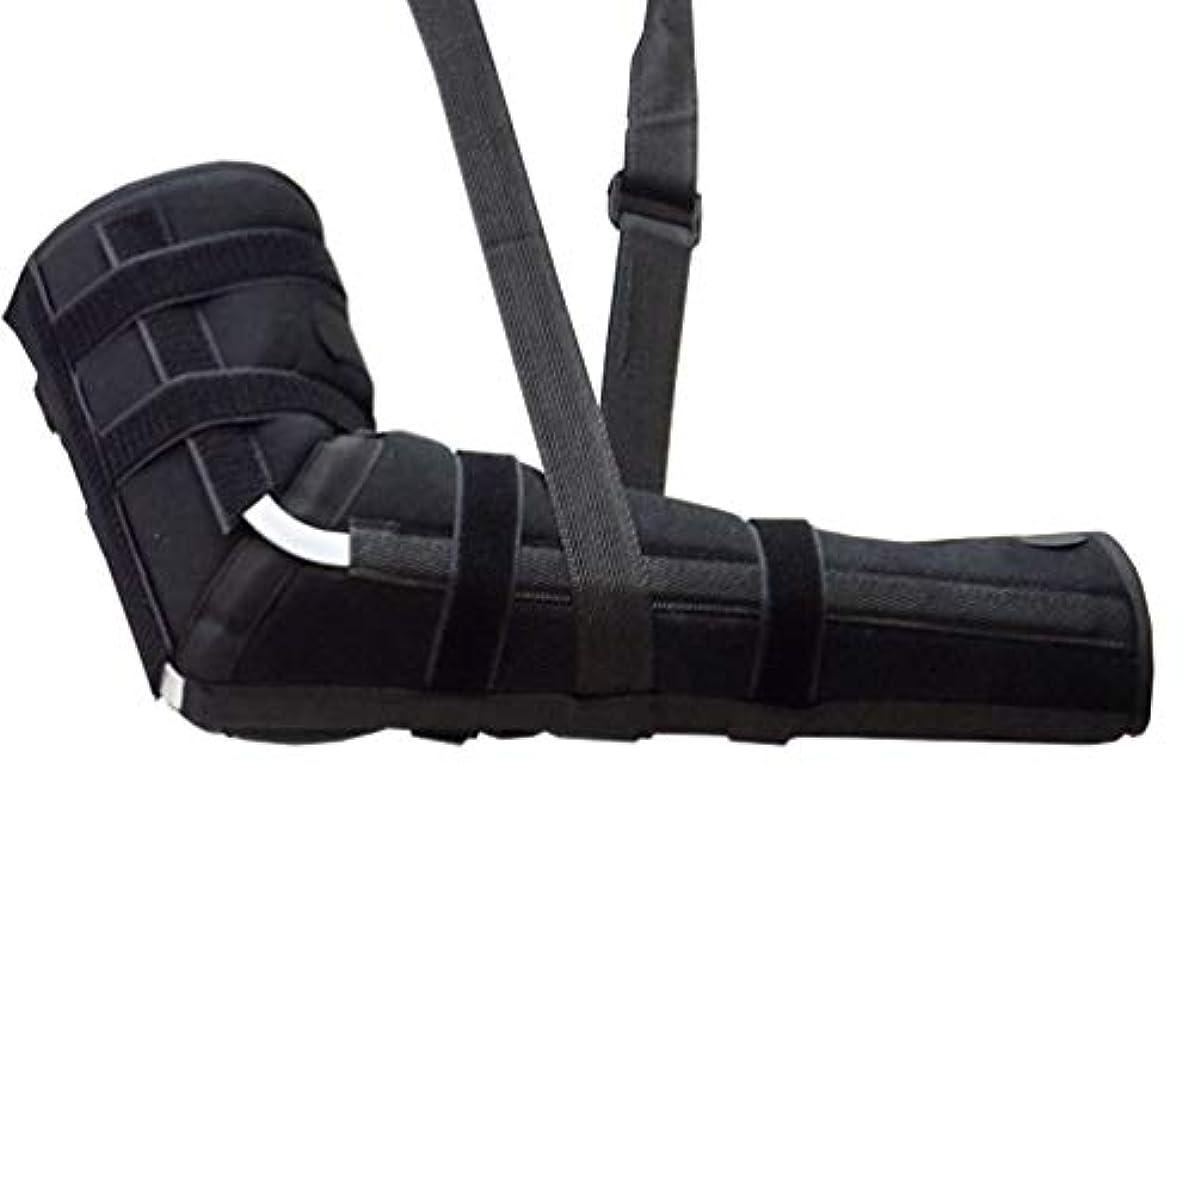 ネクタイキャプチャー適合しましたSUPVOX アームリーダー 腕つり用サポーター アームホルダー 安定感 通気性抜群 骨折 脱臼 脱臼時のギプス固定に 調節可能